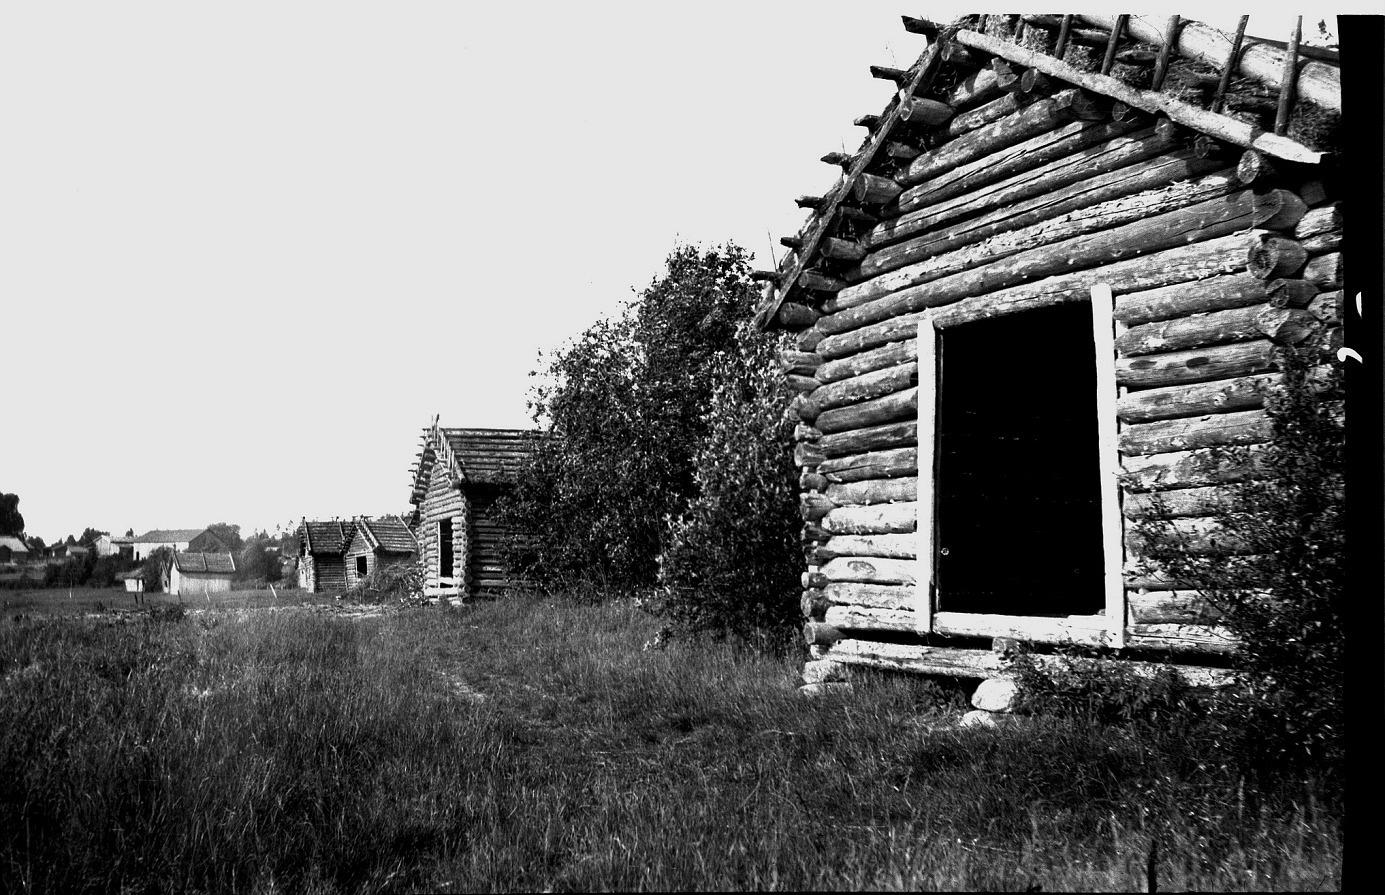 Enligt Helgas berättelse så sattes det torkade höet in i ladorna som fanns på stranden. På denna bild tagen av läraren Selim Björses ser vi hur ladorna står sida vid sida. Bondgården som skymtar i bakgrunden tillhörde Pelas-Mari, alltså Maria Lillkull (f. 1897) som var dotter till Pelas-Viktor. Hon var gift med Erland Granberg (1892-1953) som dog kort efter att han återvände från Amerika. Maria var ju mor till Rudi (f. 1924) som stupade i fortsättningskriget 1943. Maria hade också en dotter Ingrid Irene (1922-1938).